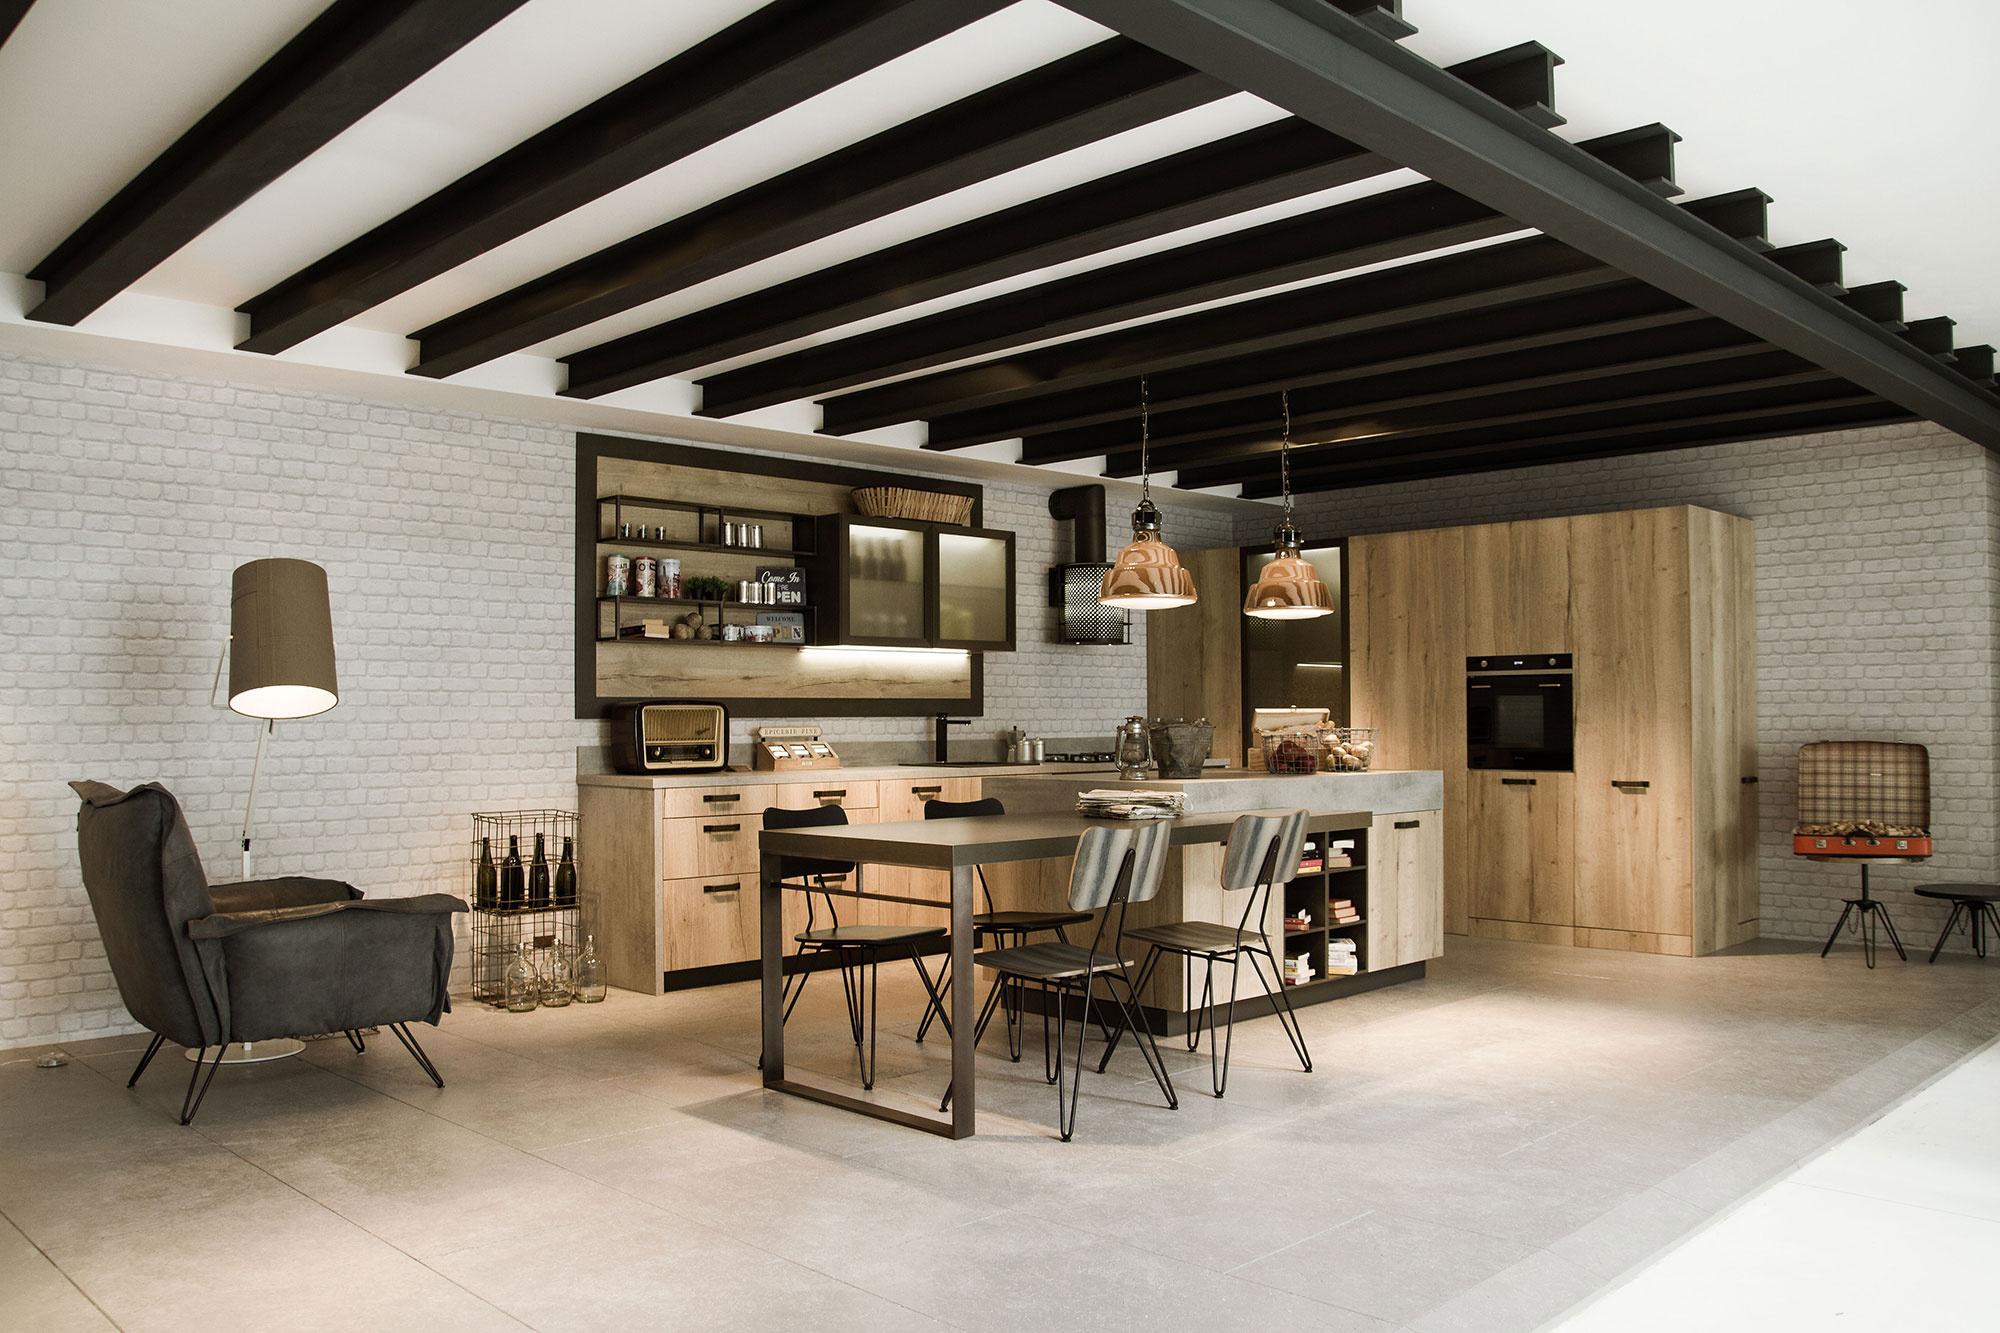 8-køkken-design-lofts-3-bymæssige-ideer-Snaidero